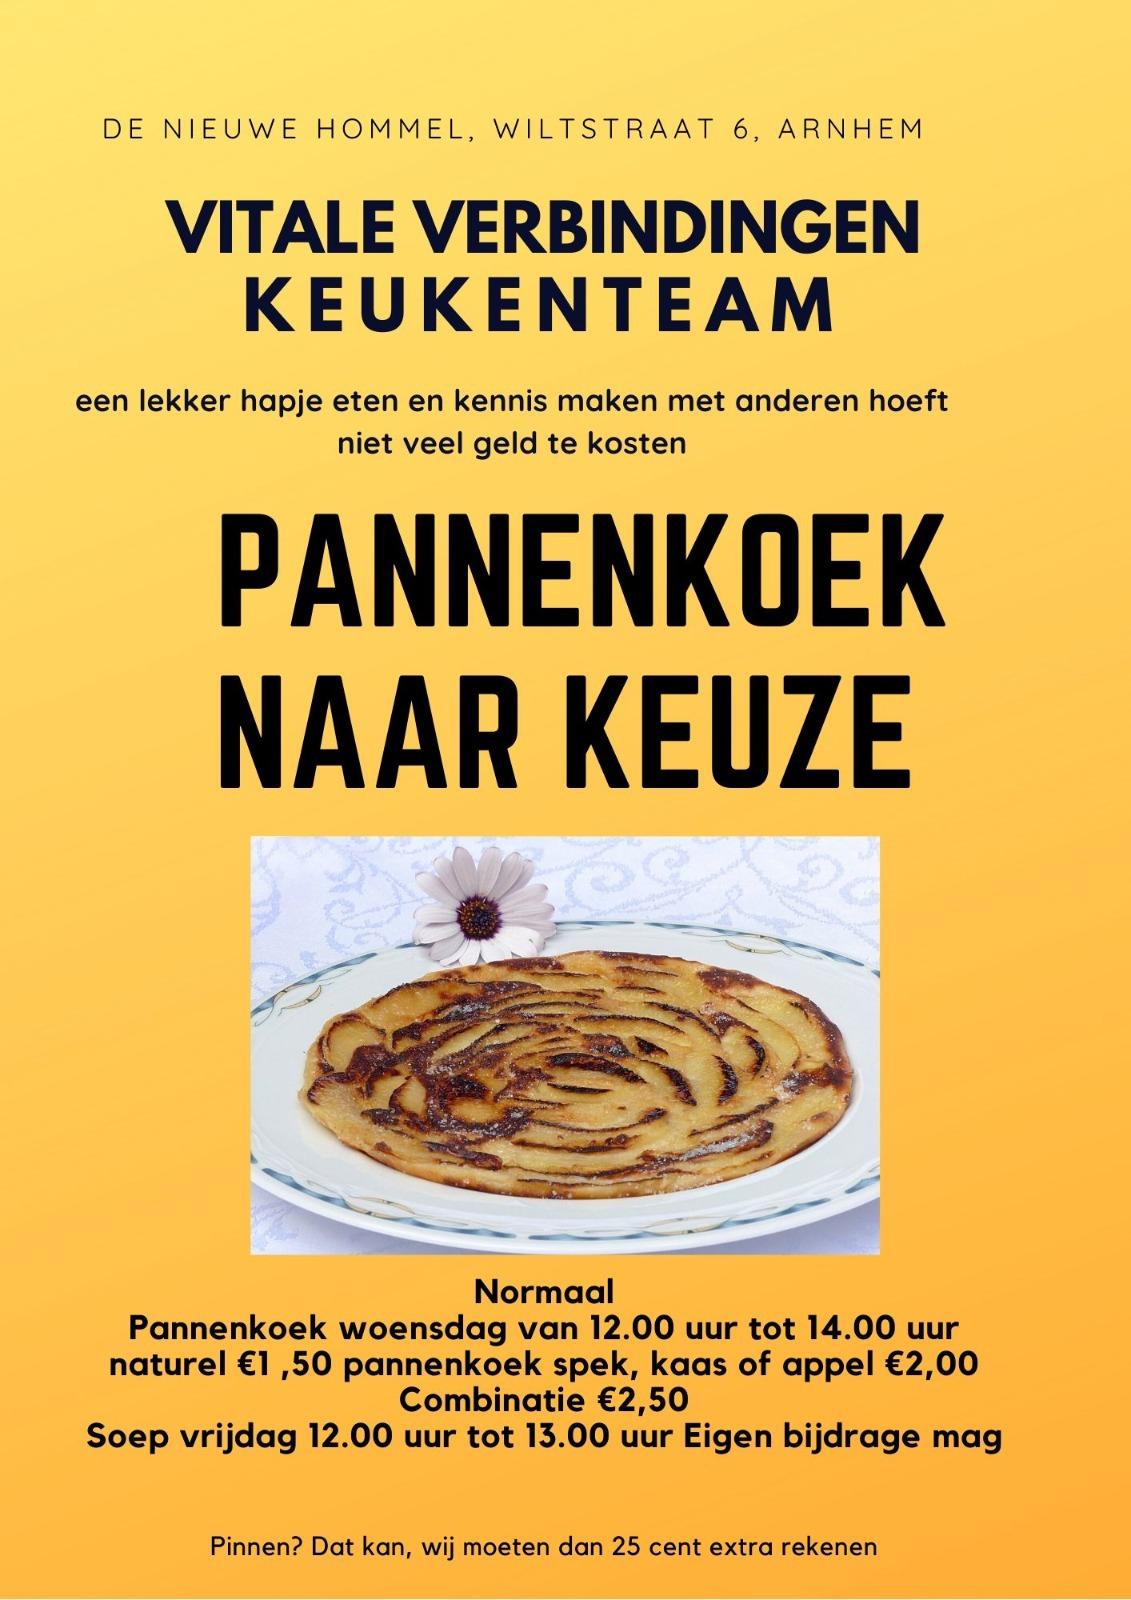 Inloop met Pannenkoeken @ De Nieuwe Hommel | Arnhem | Gelderland | Nederland